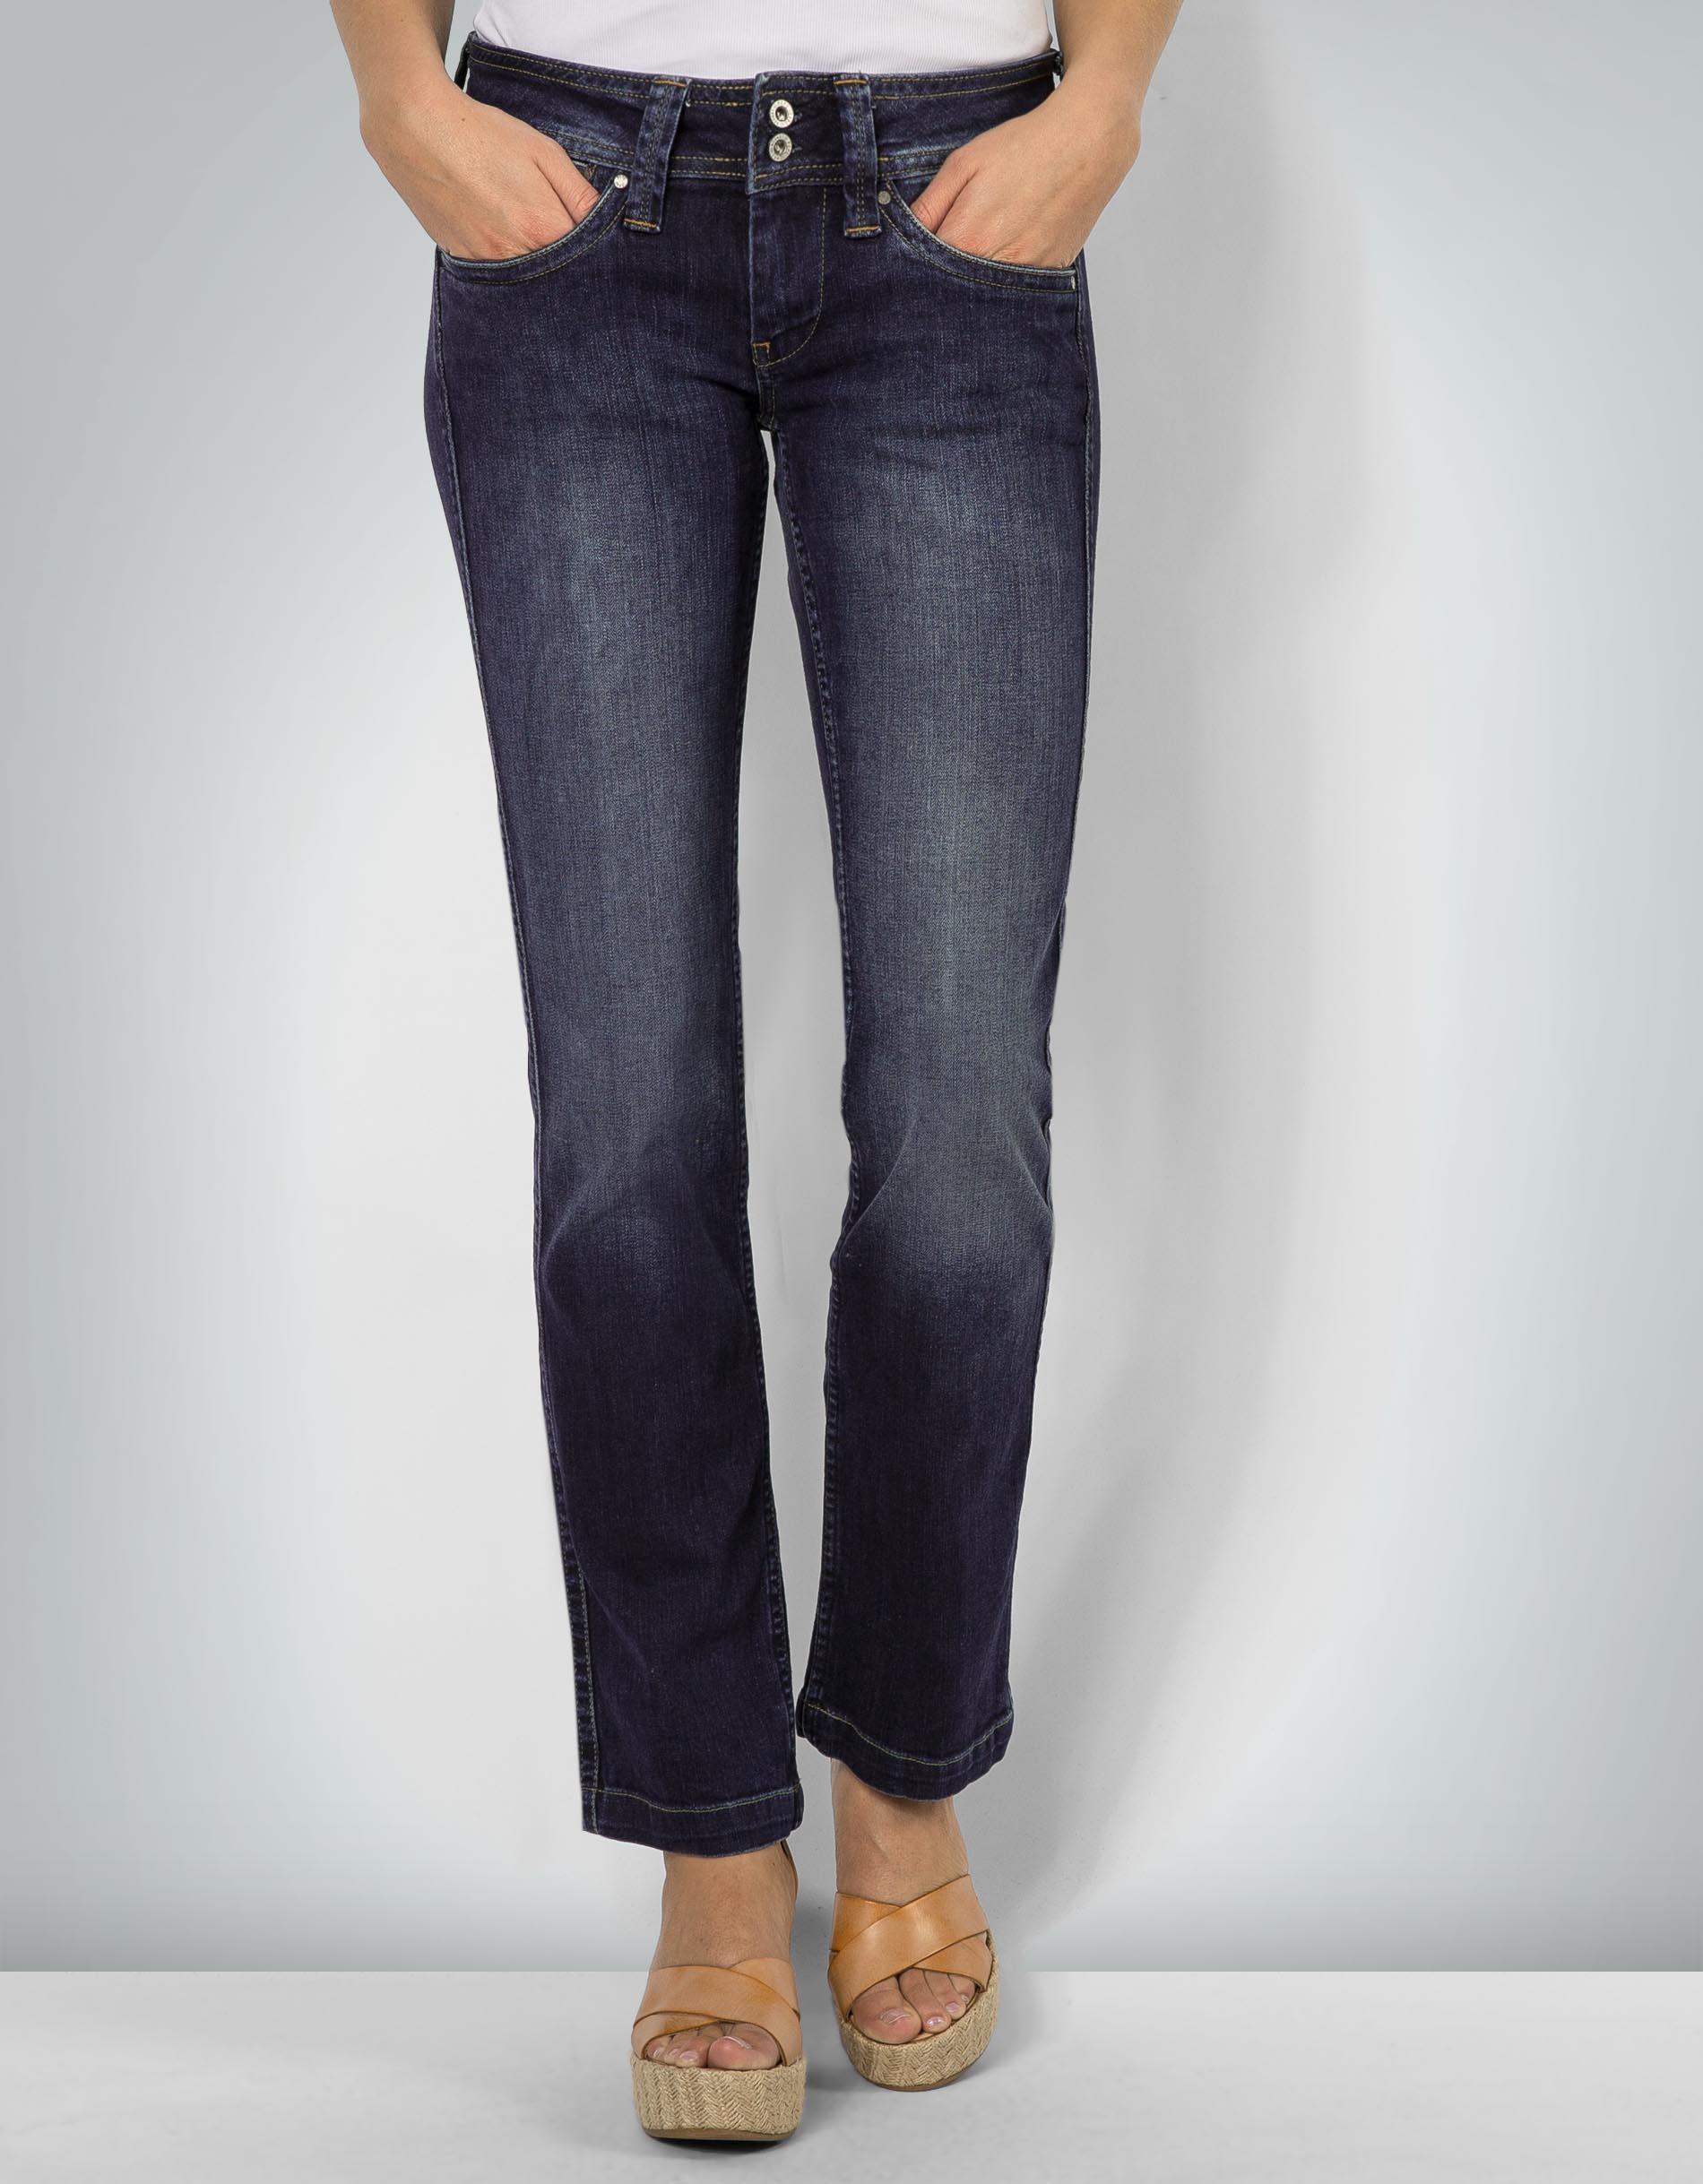 8b3e6381a780 Pepe Jeans Damen Banji denim Jeans im Regular Fit empfohlen von Deinen  Schwestern